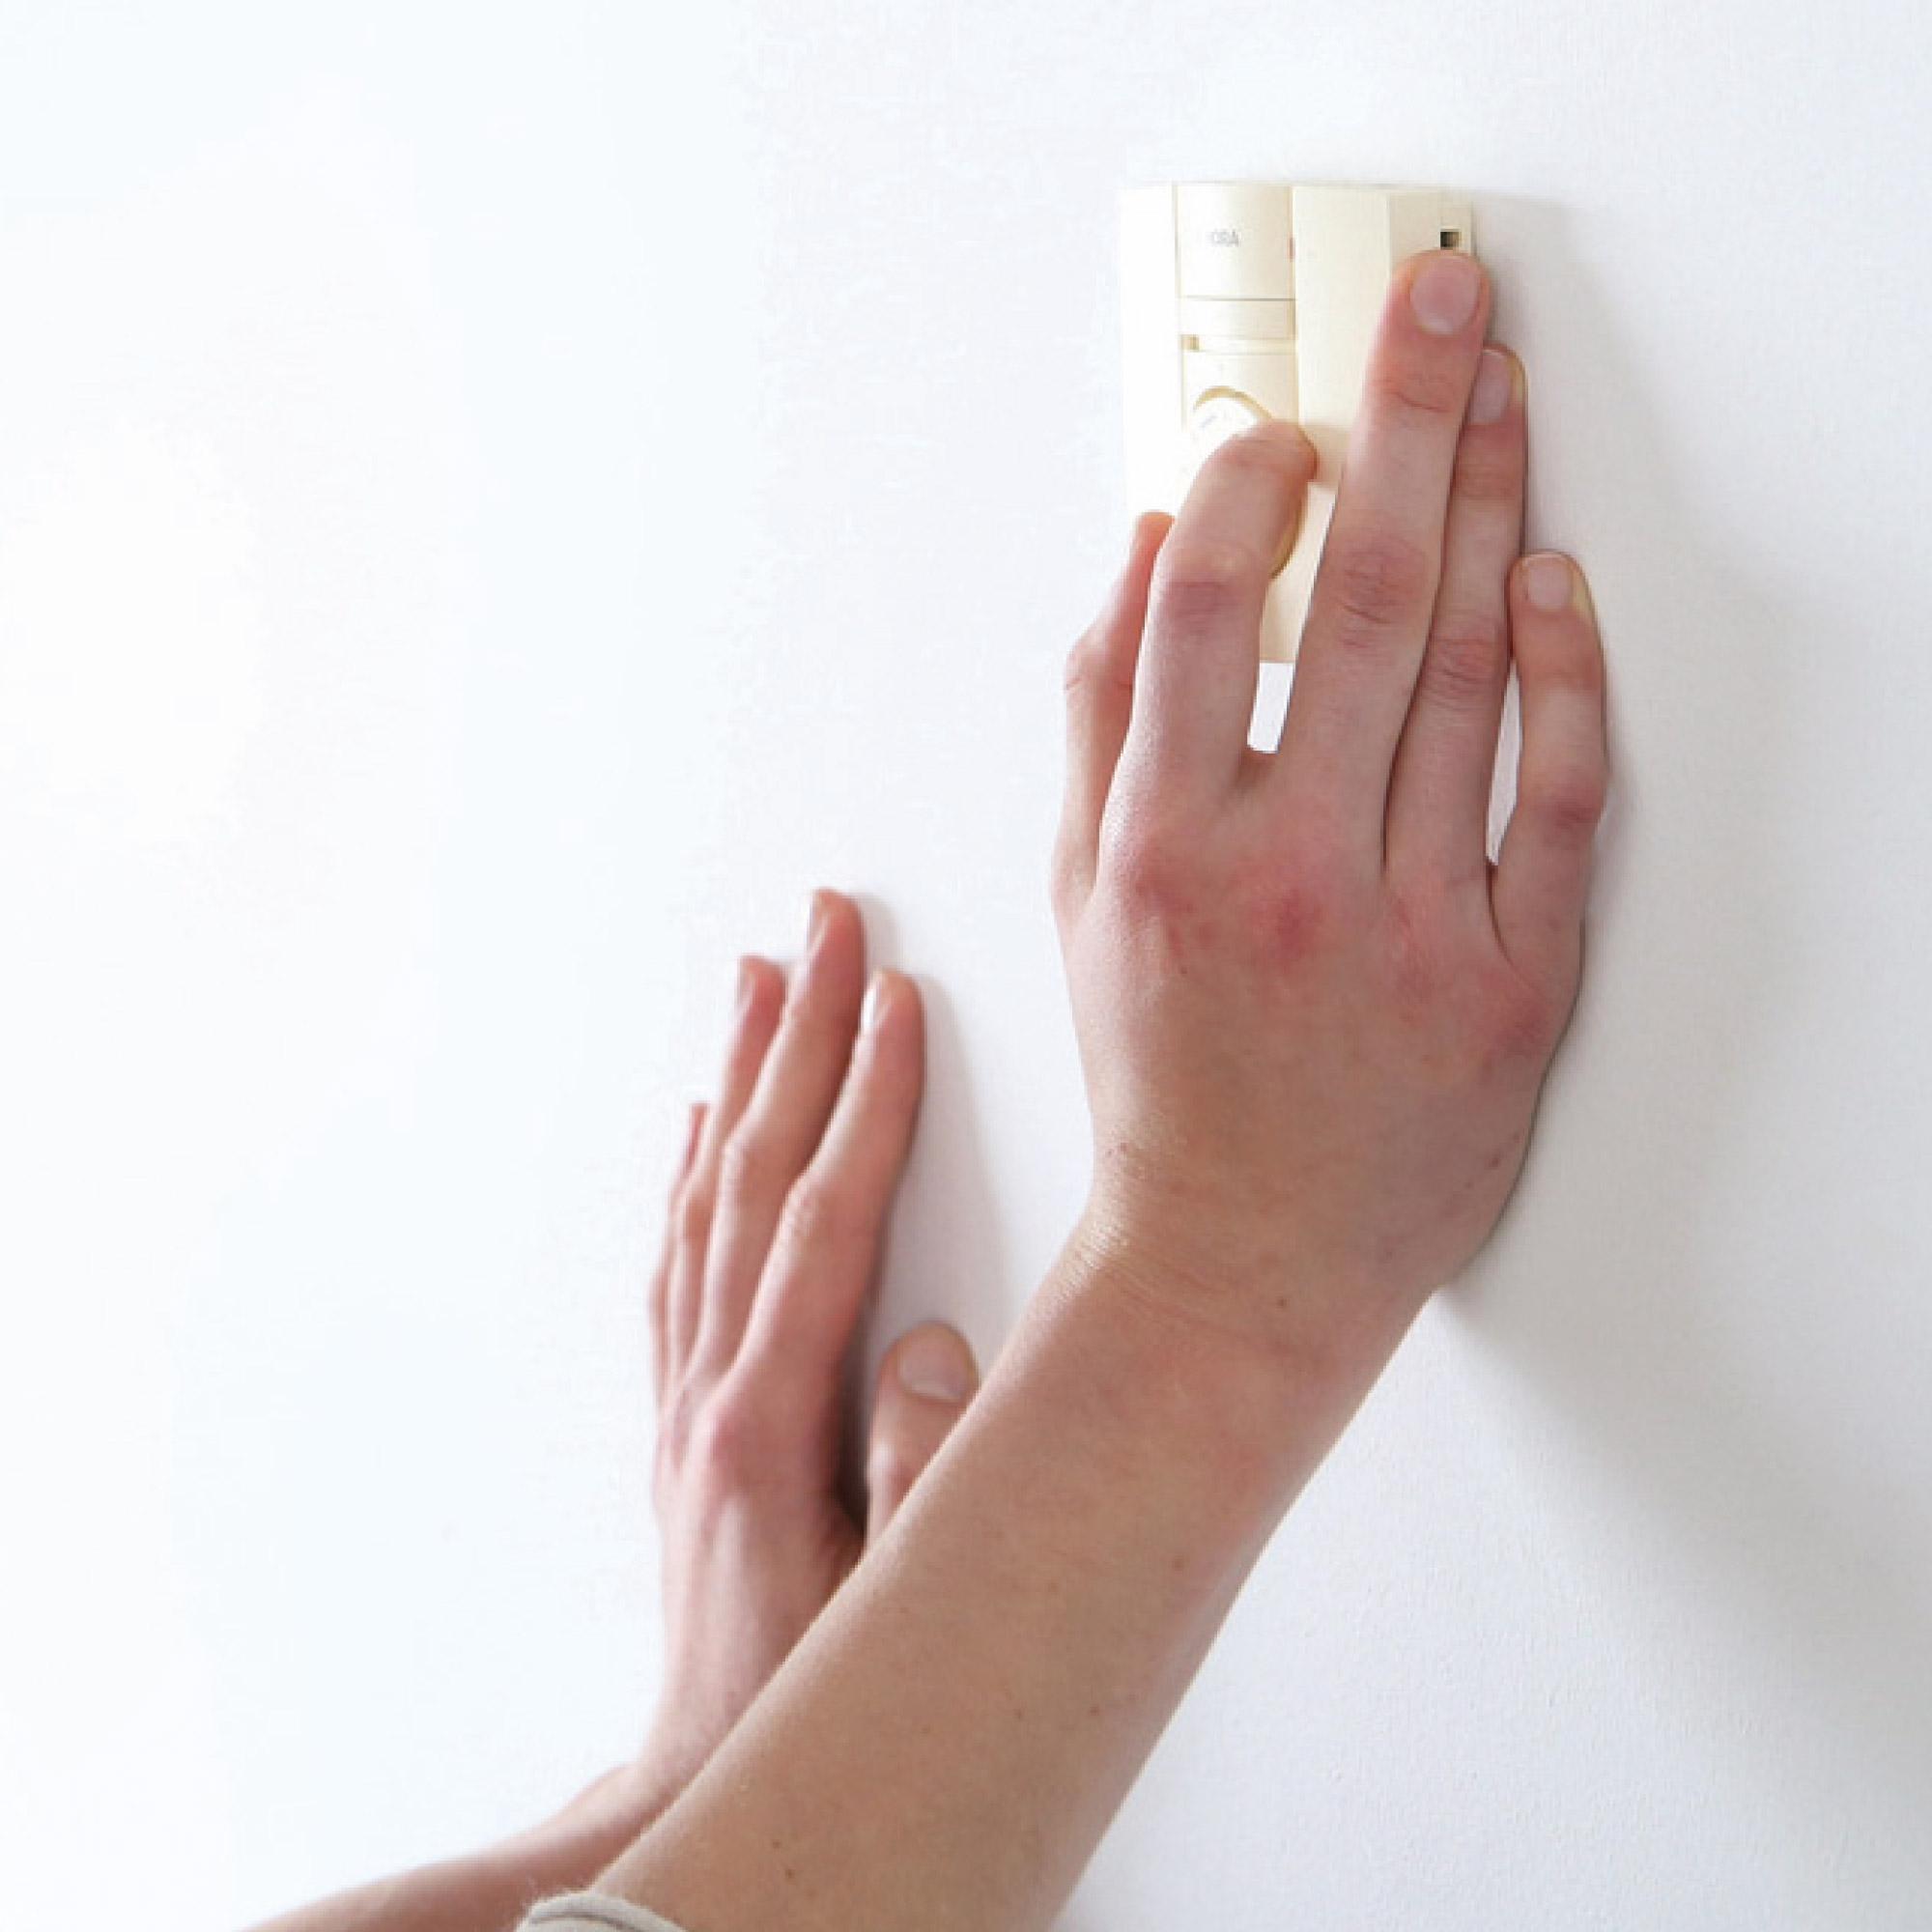 Temperatur- und Zeitregler der integrierten Fußbodenheizung und Bad-Wandheizung in den Apartments der studiosus Wohnanlage